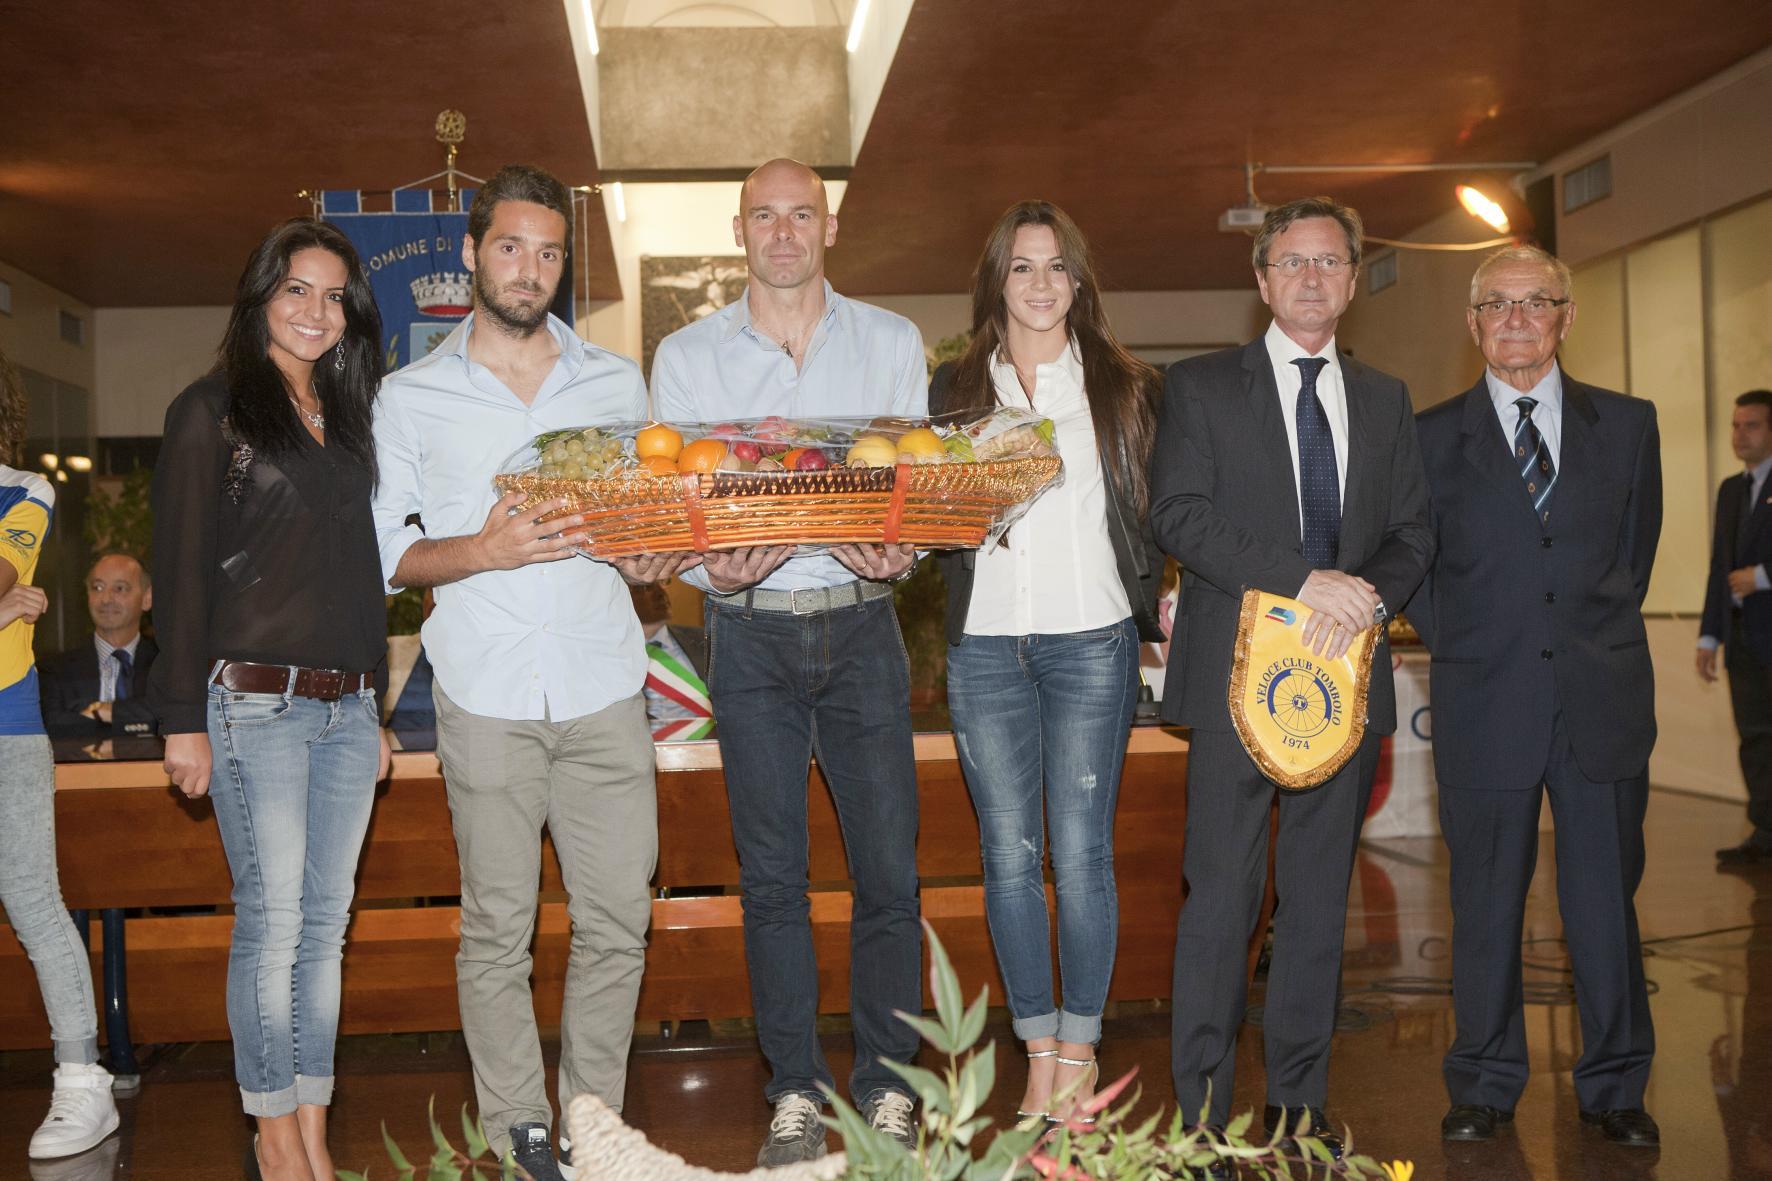 Pierobon e De Leidi omaggiati alla serata di premiazione.